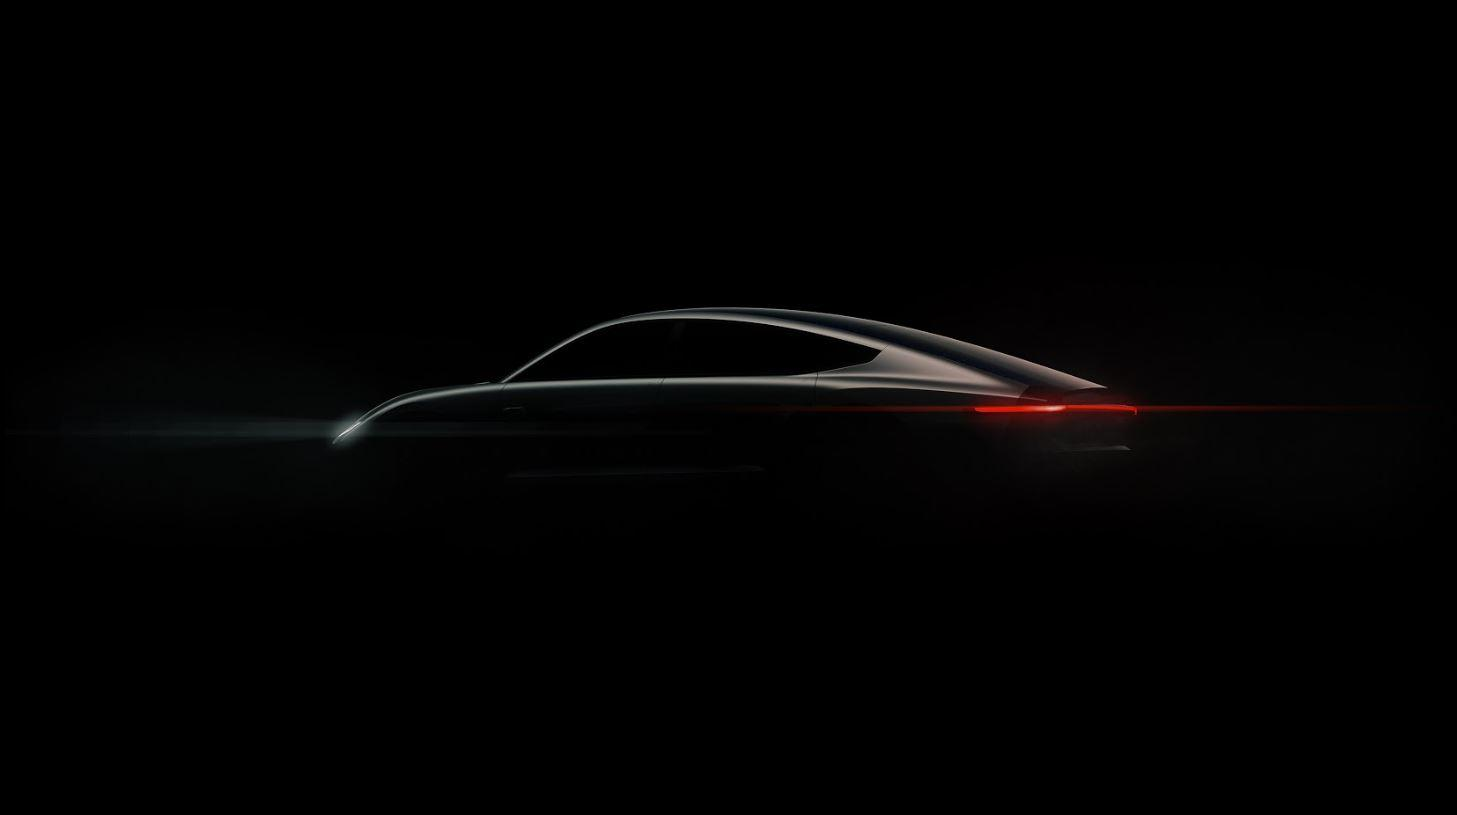 Lightyear One: Neues E-Auto mit Solartechnik naht